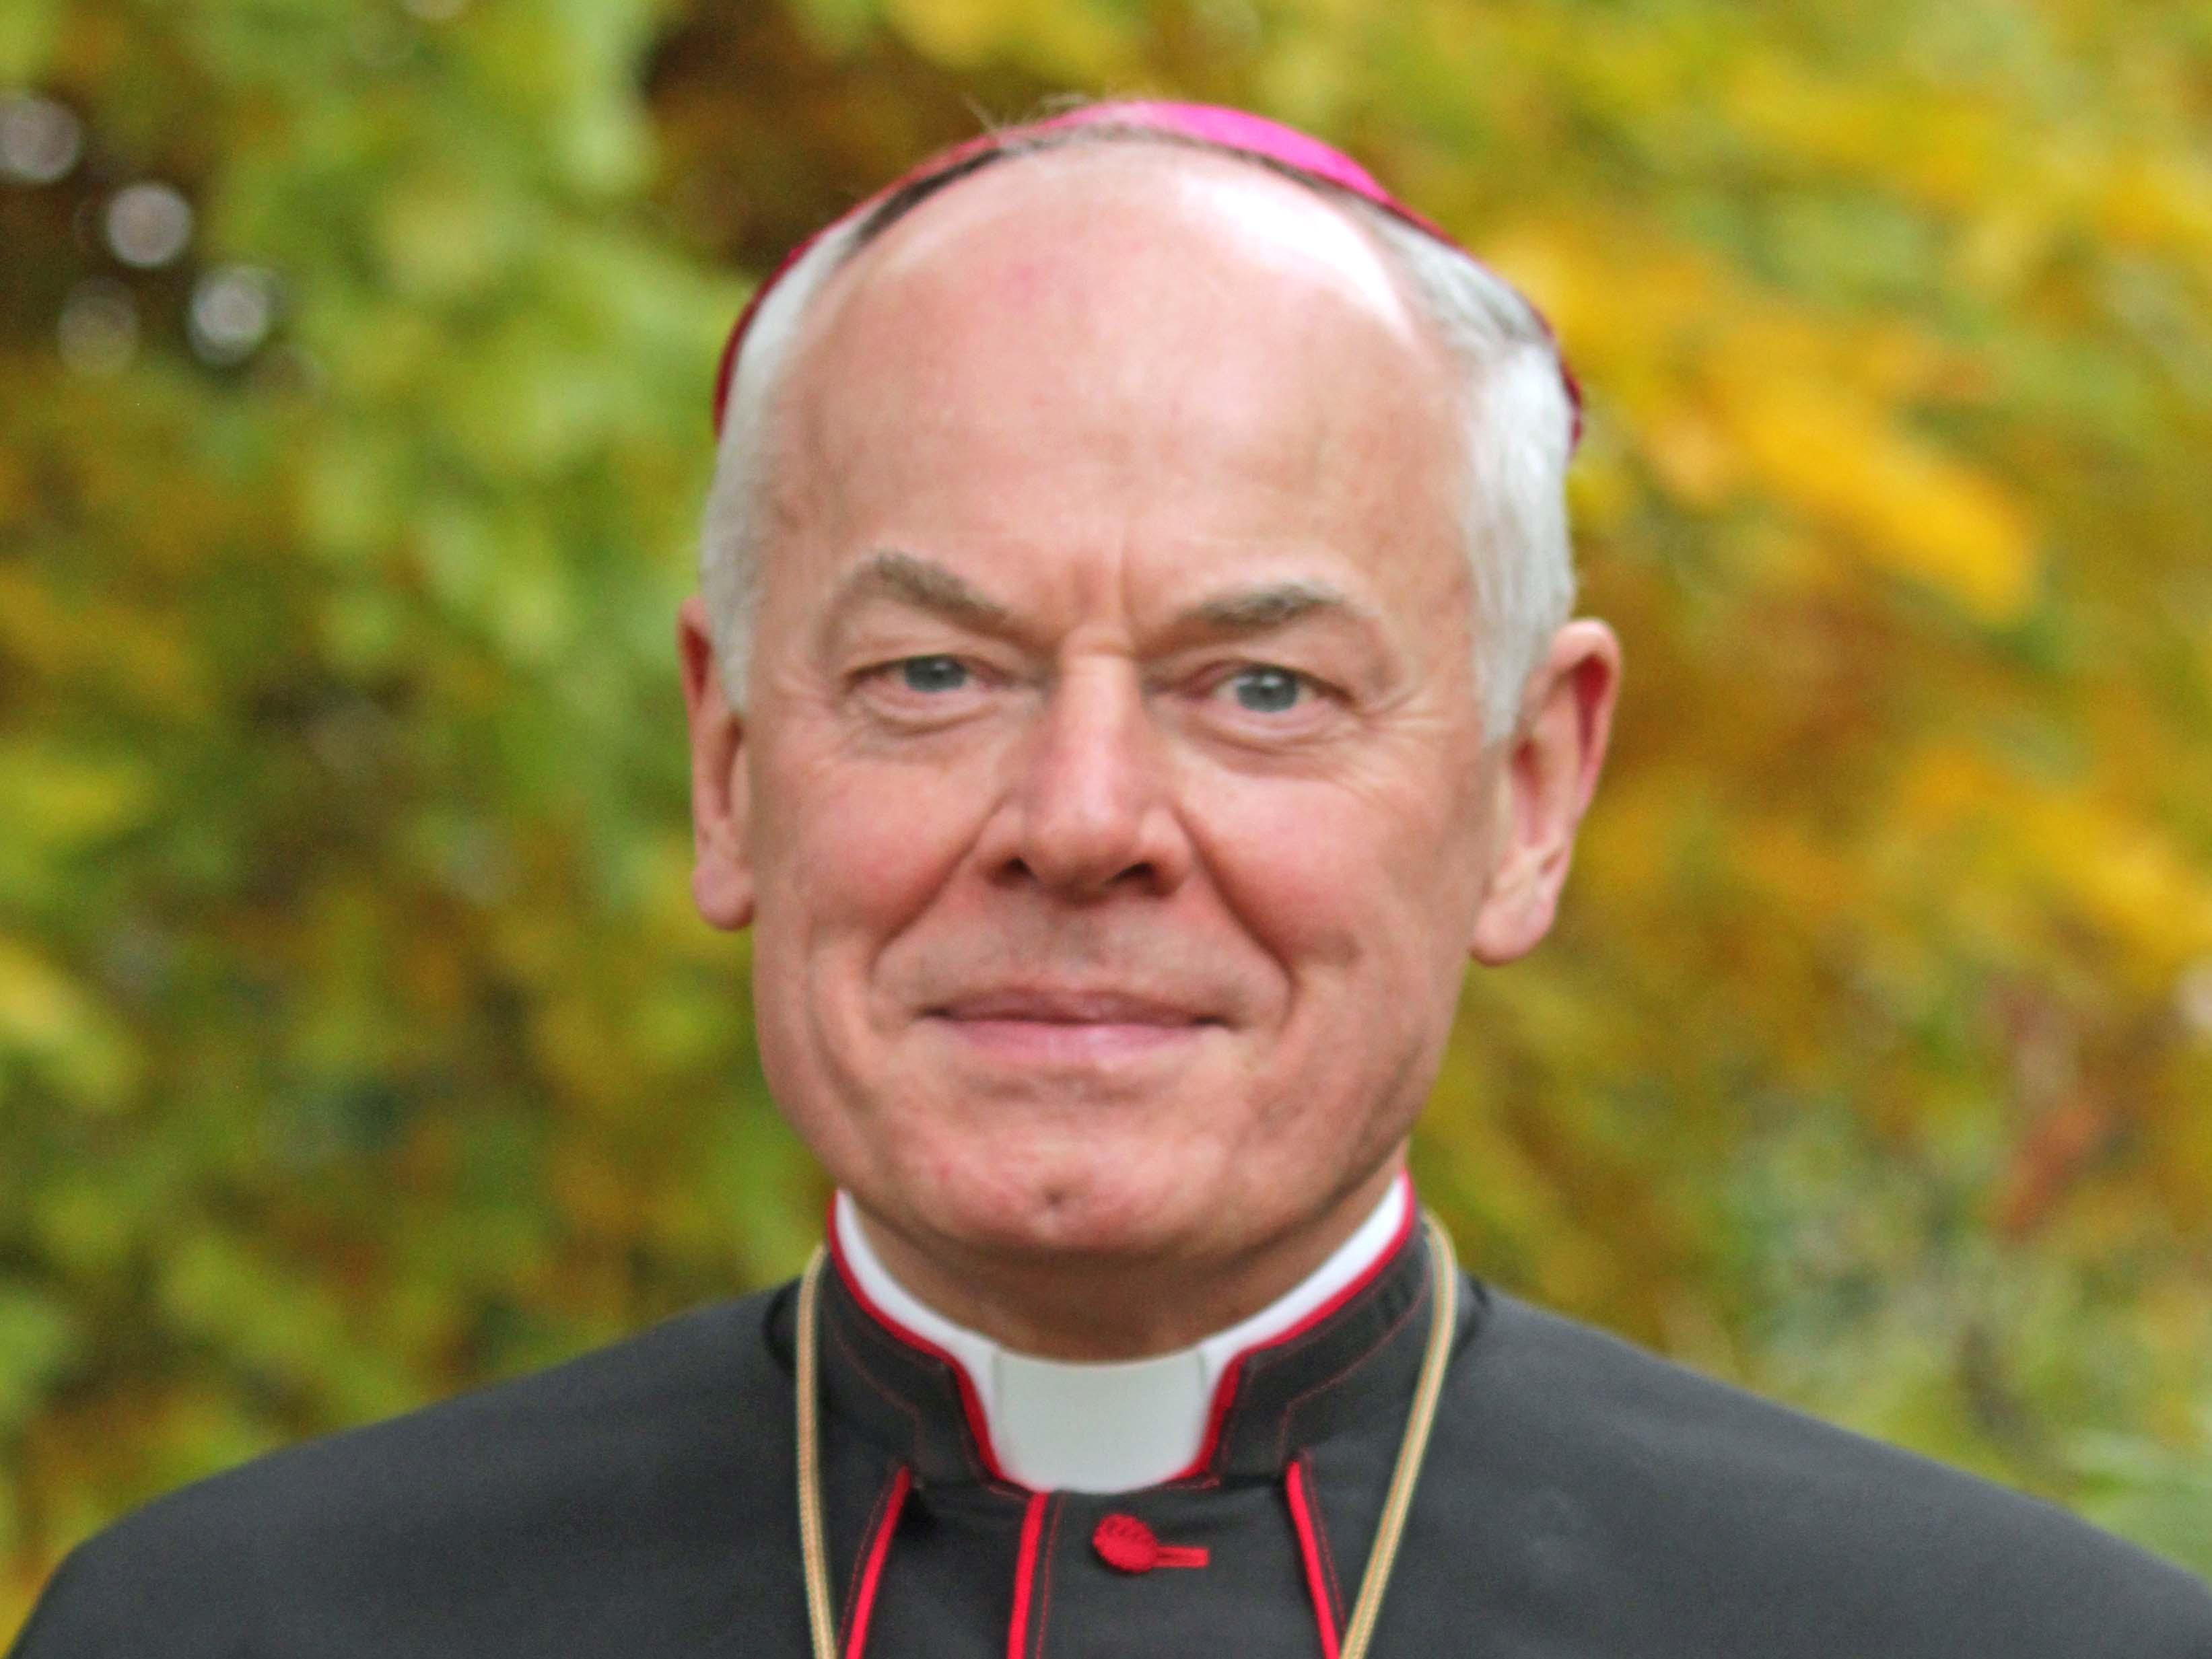 Als Mitglied in den neuen Ethikrat berufen: Weihbischof Dr. Dr. Anton Losinger. (Foto: Beatrice Schubert)